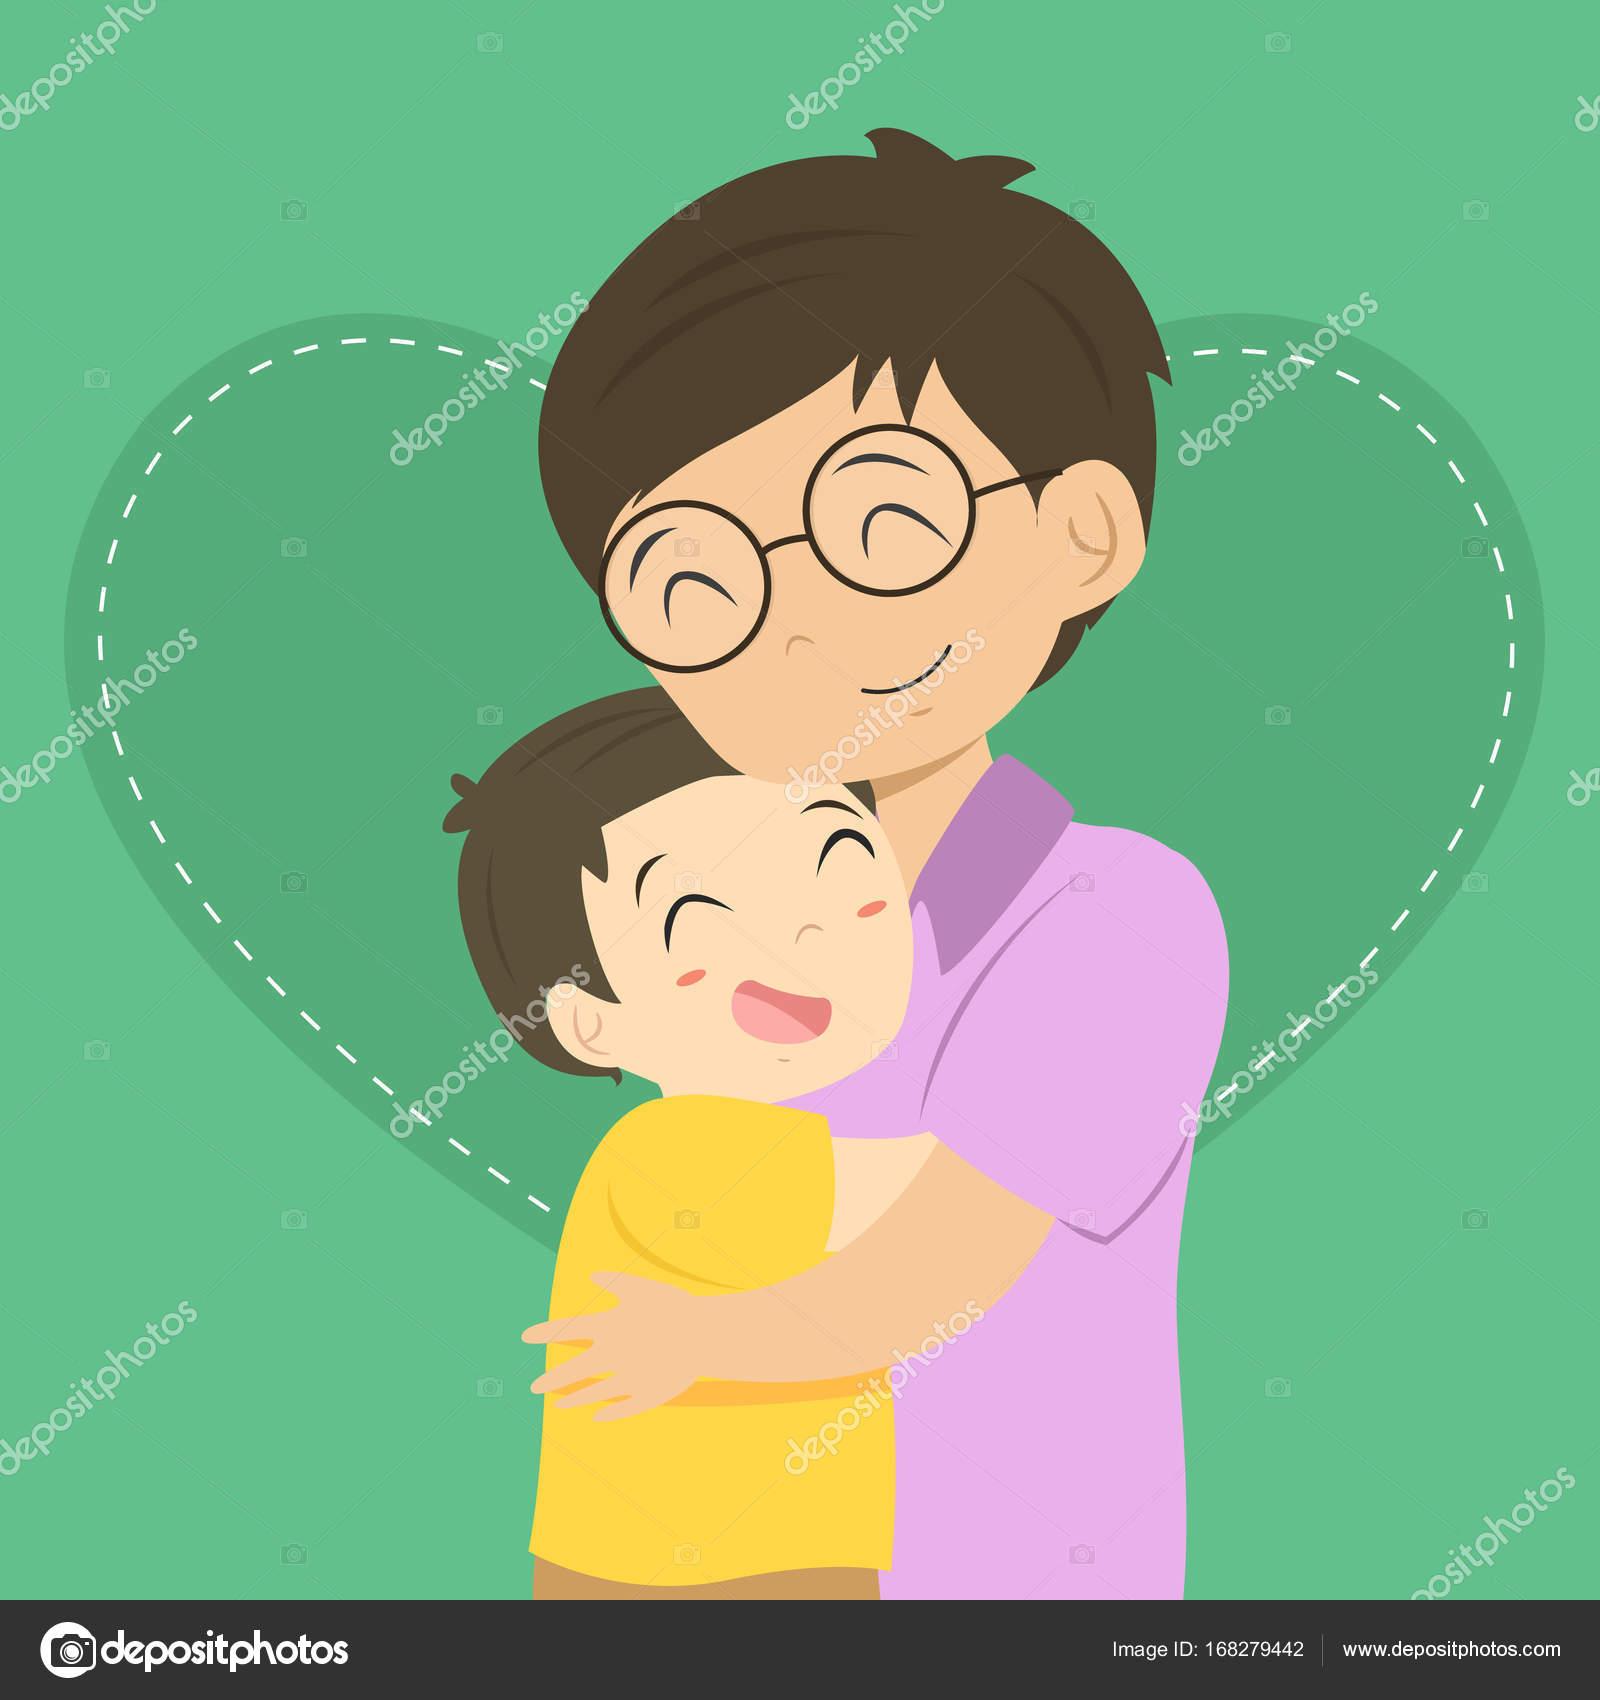 Resultado de imagen para abrazando abrazos dibujos animados